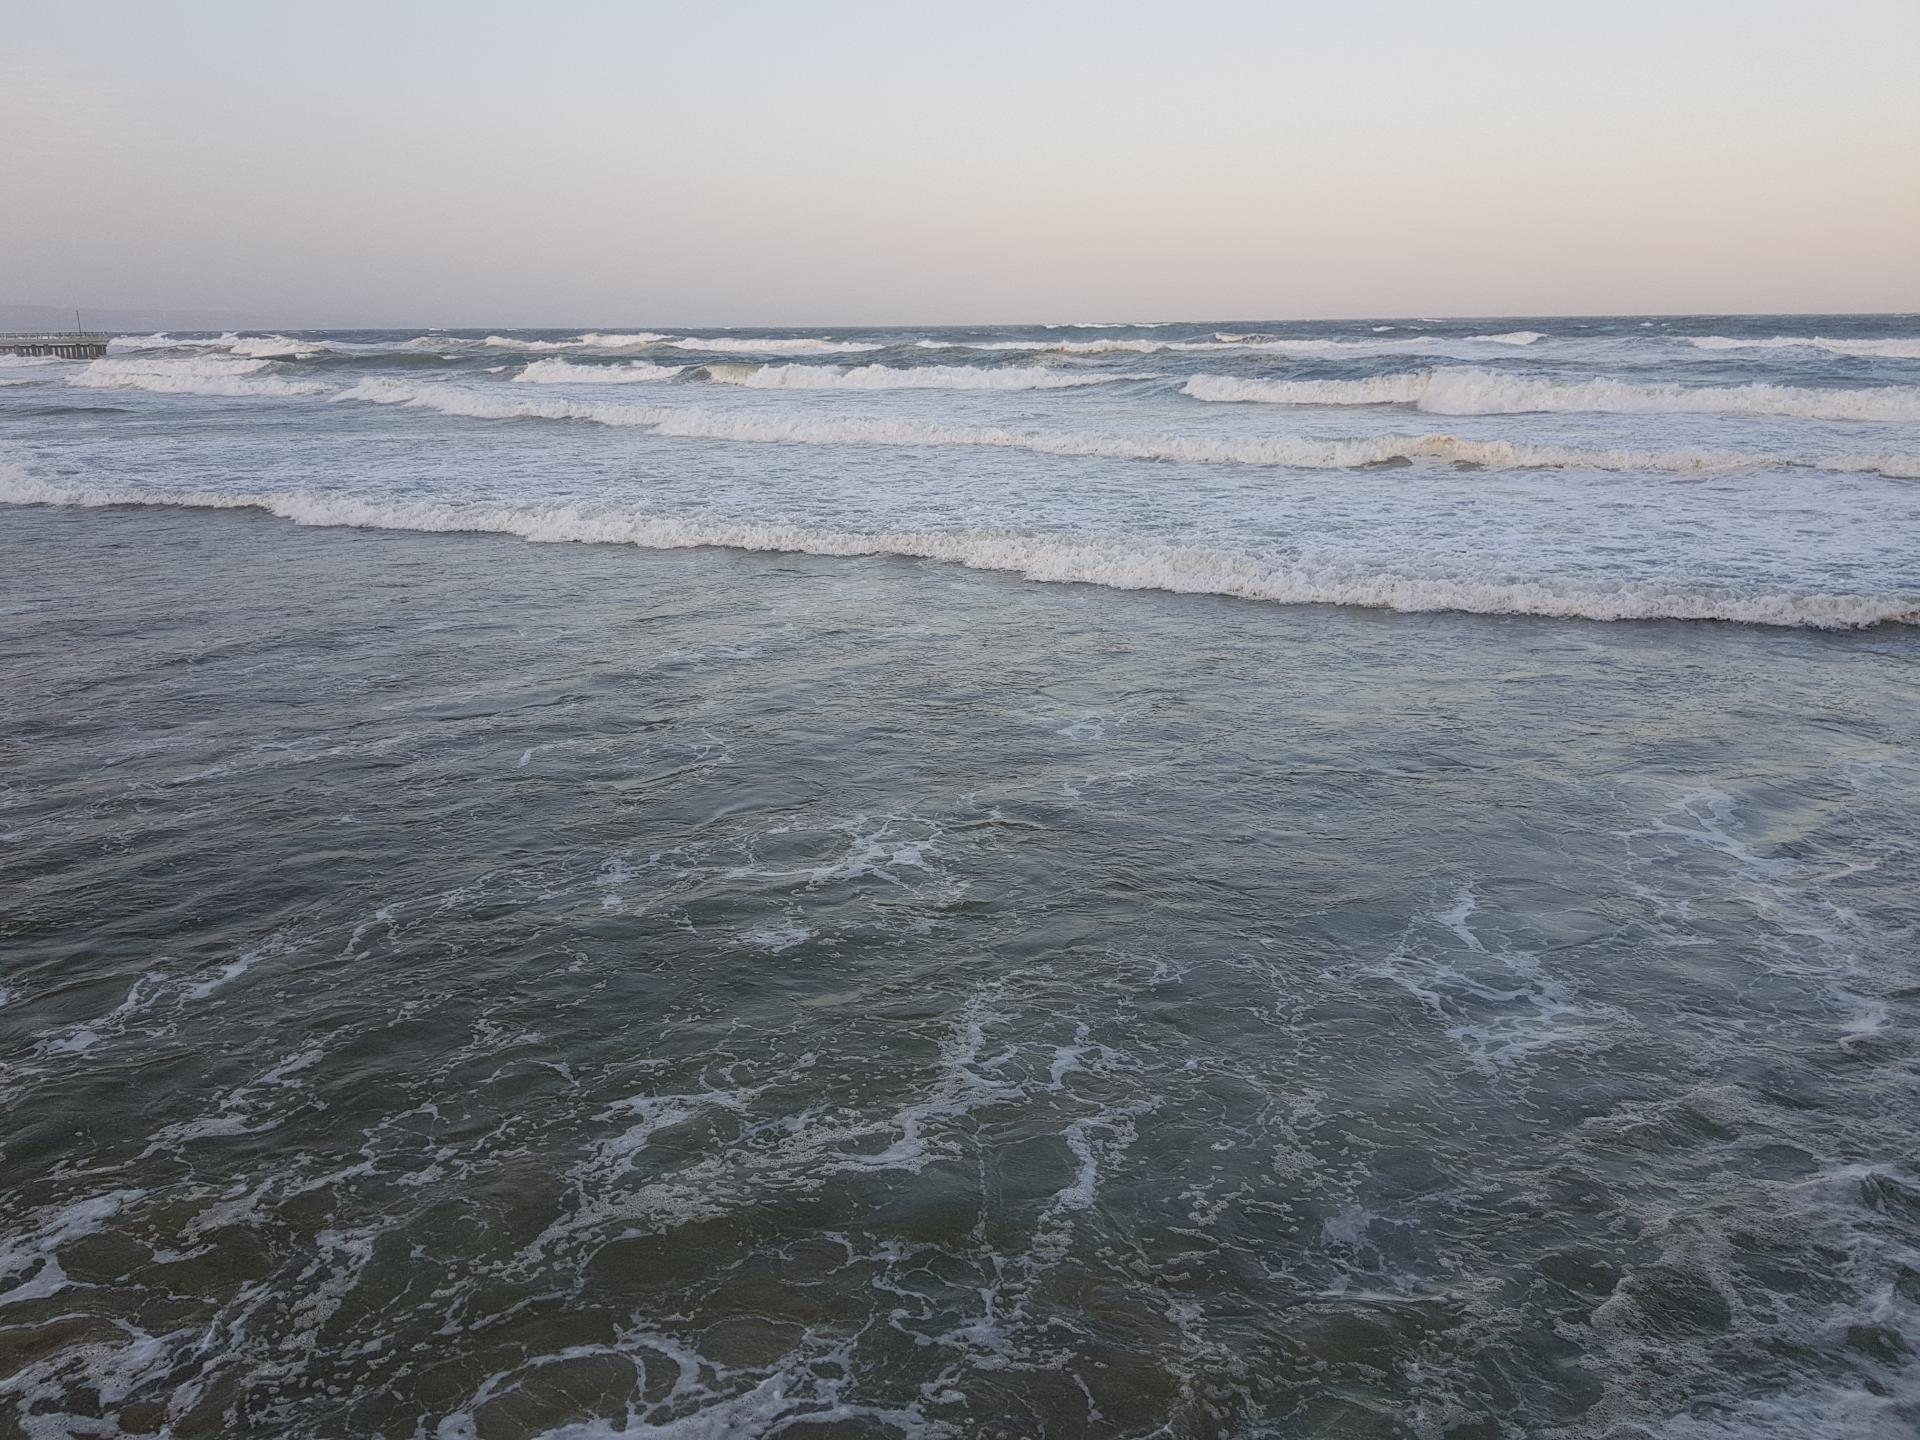 волны набегают на берег